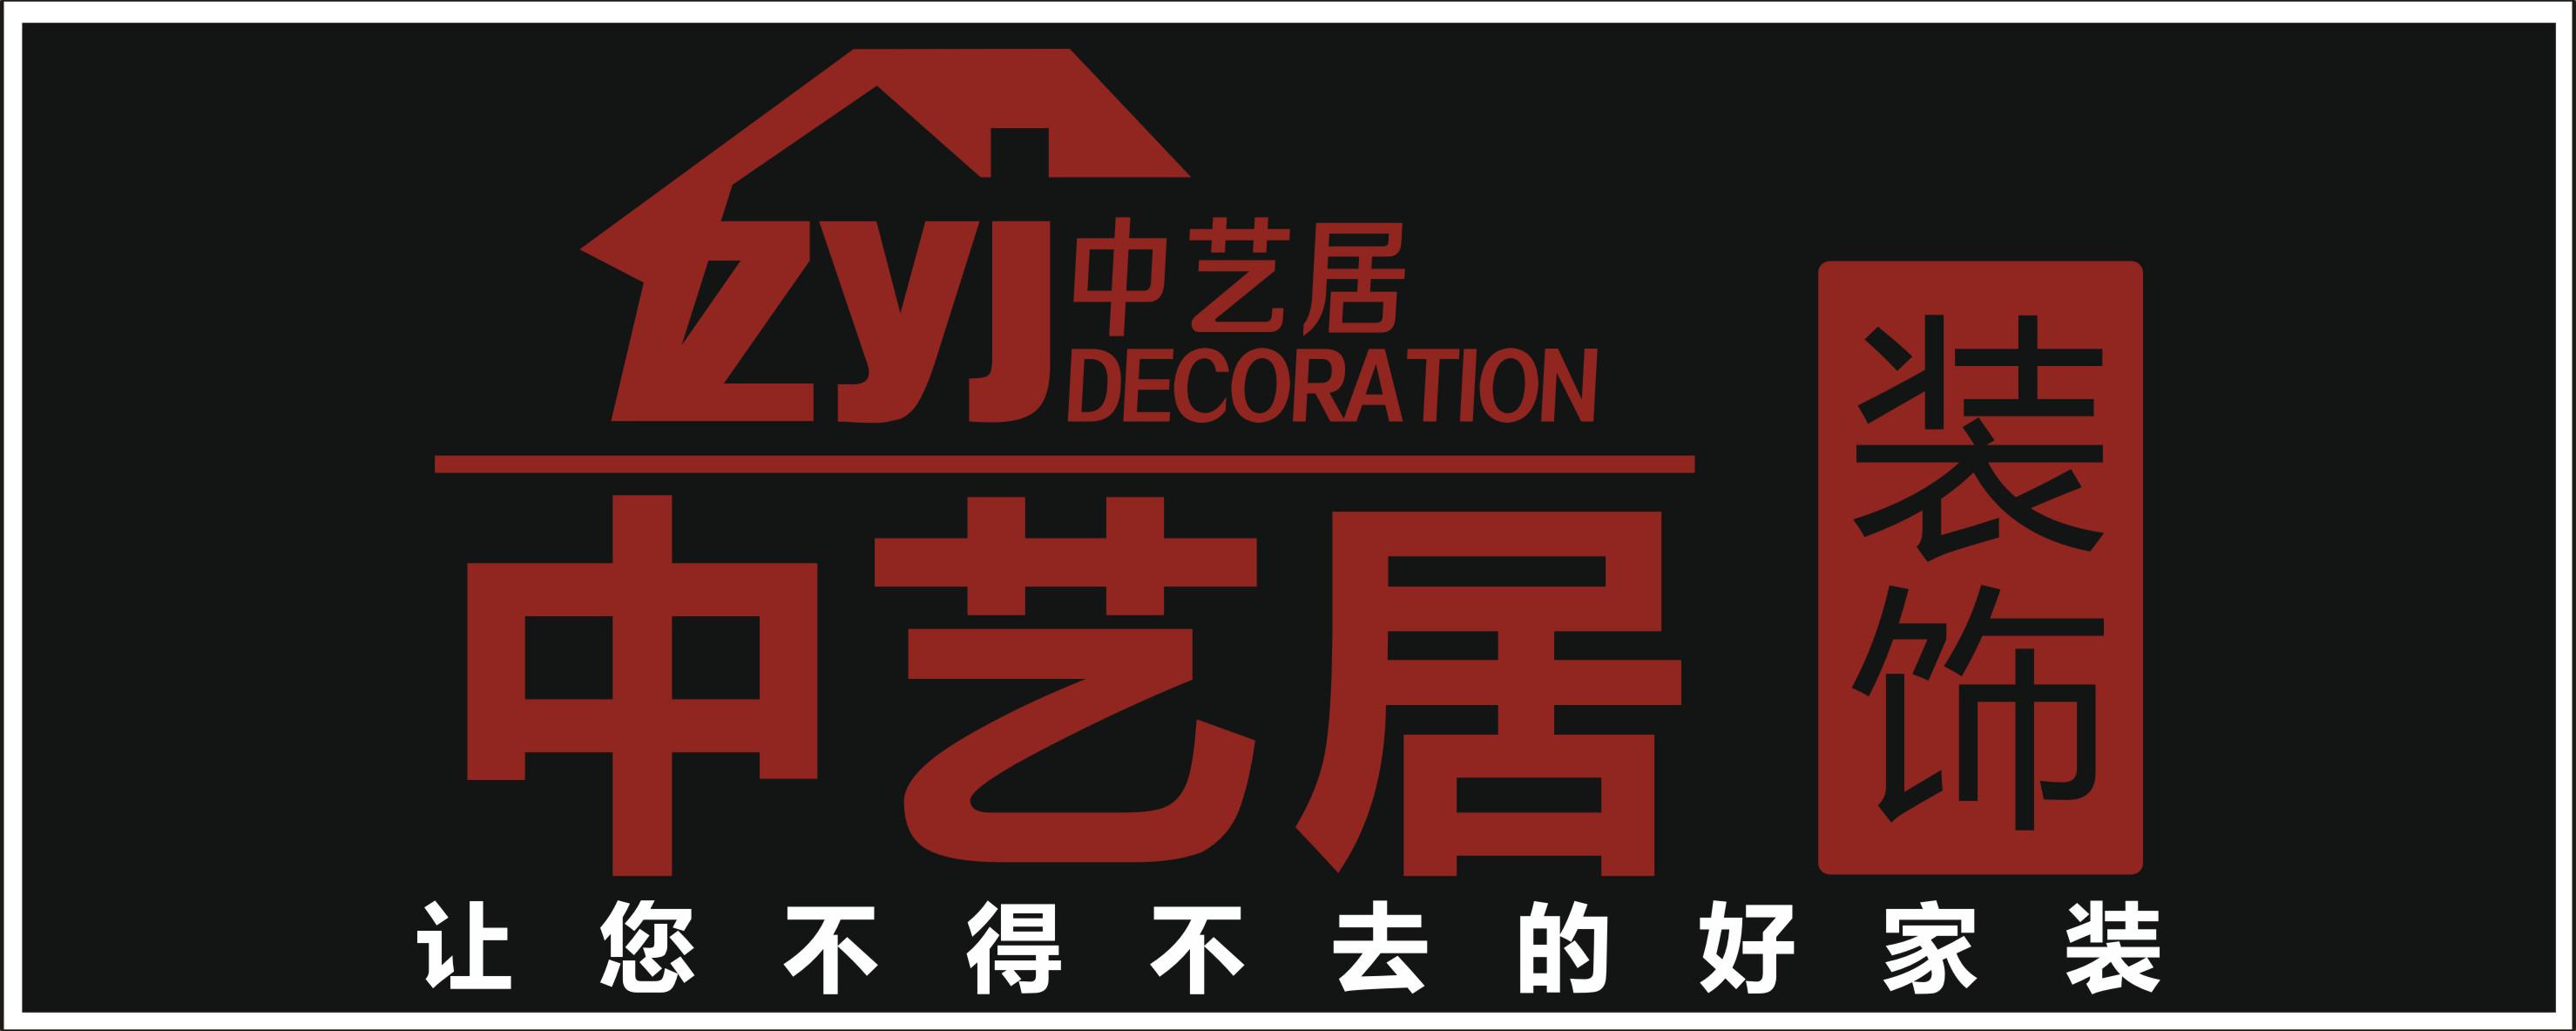 遵义中艺居装饰工程有限公司